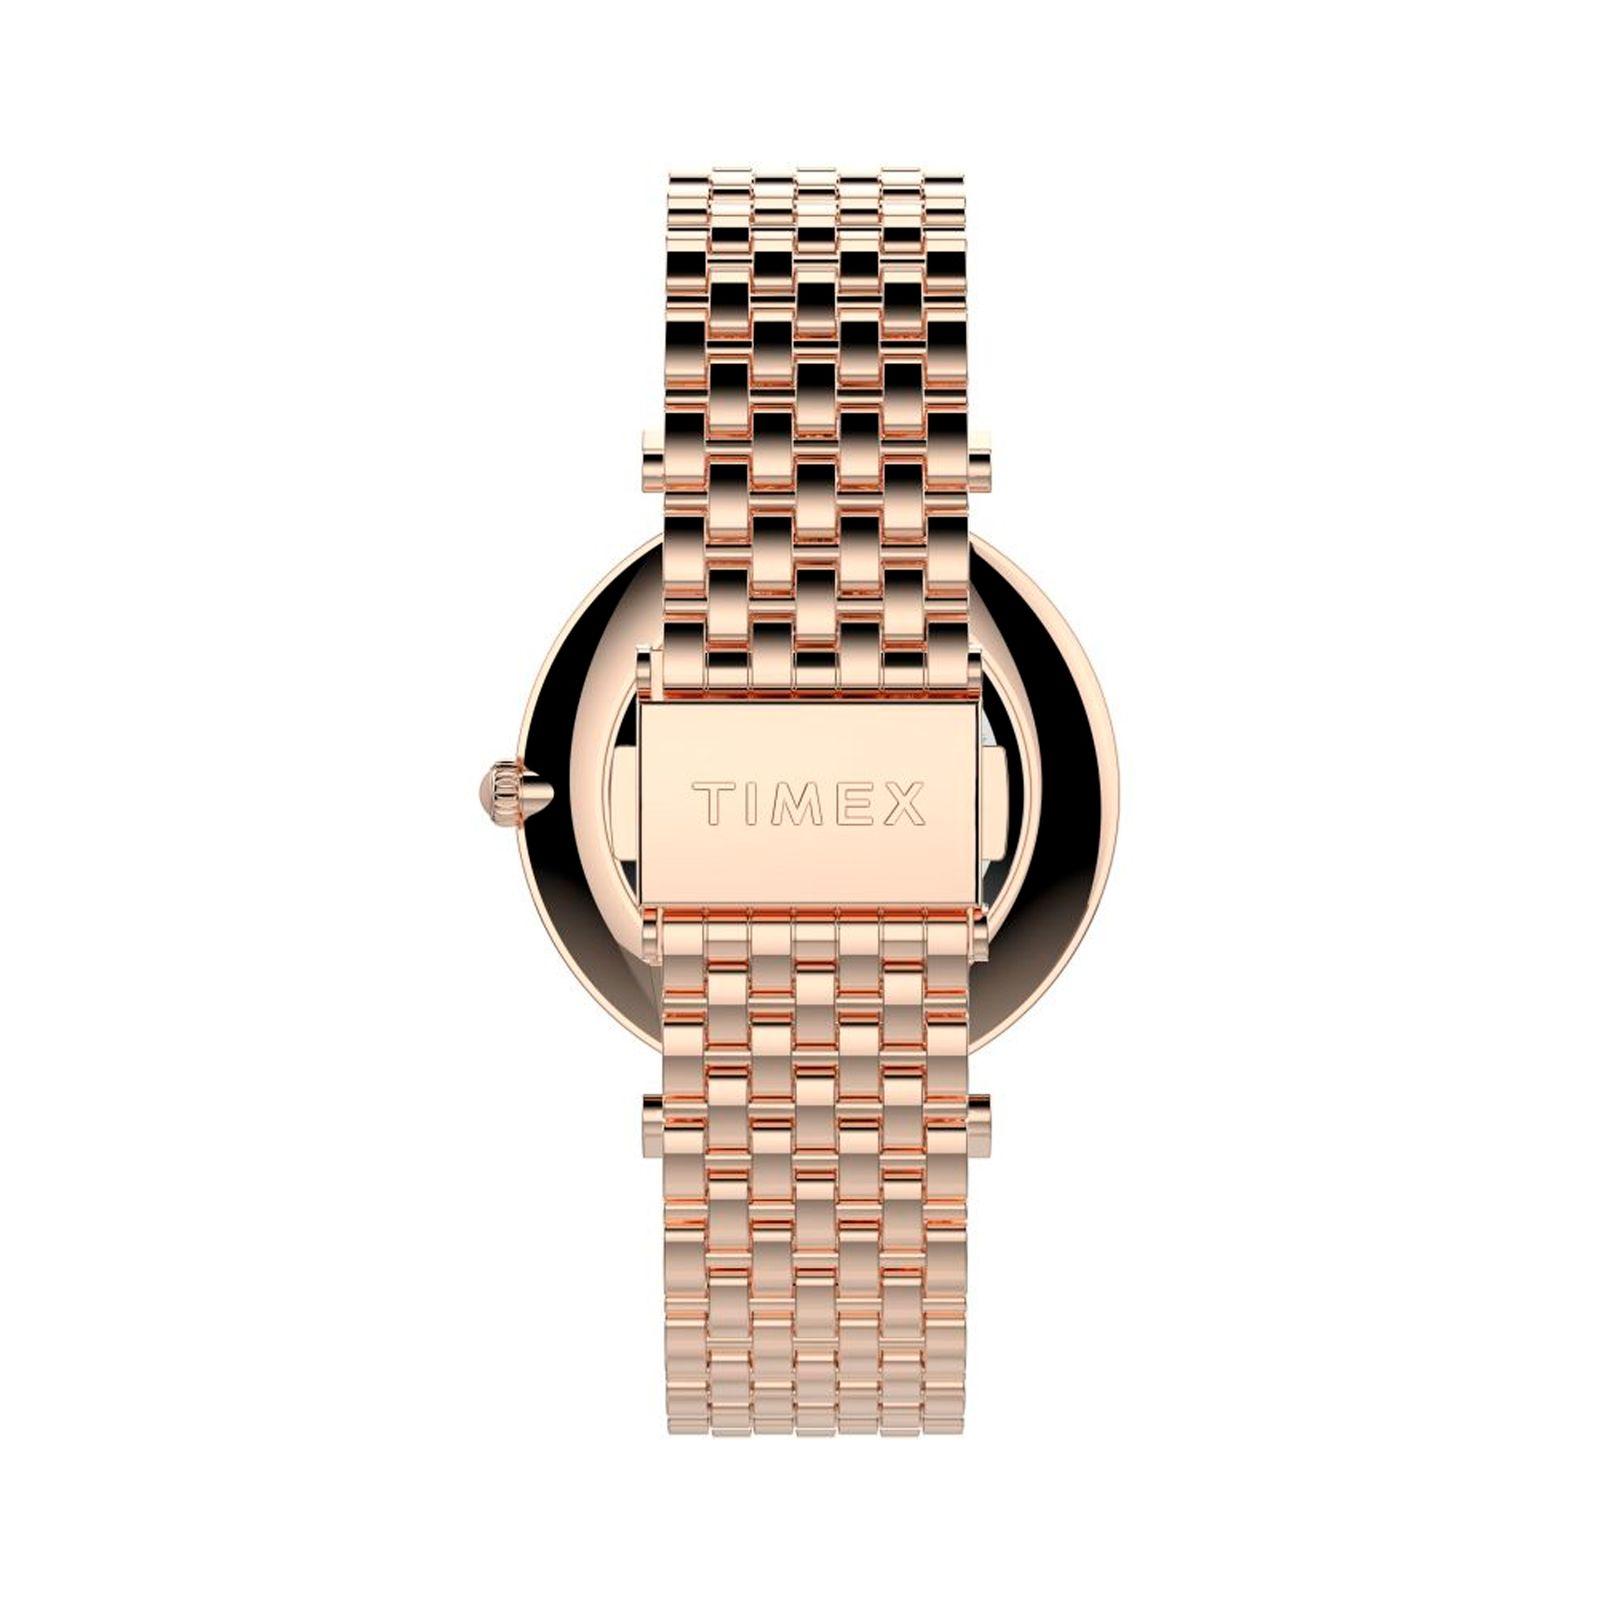 ساعت مچی عقربه ای زنانه تایمکس مدل TW2T79200 -  - 2